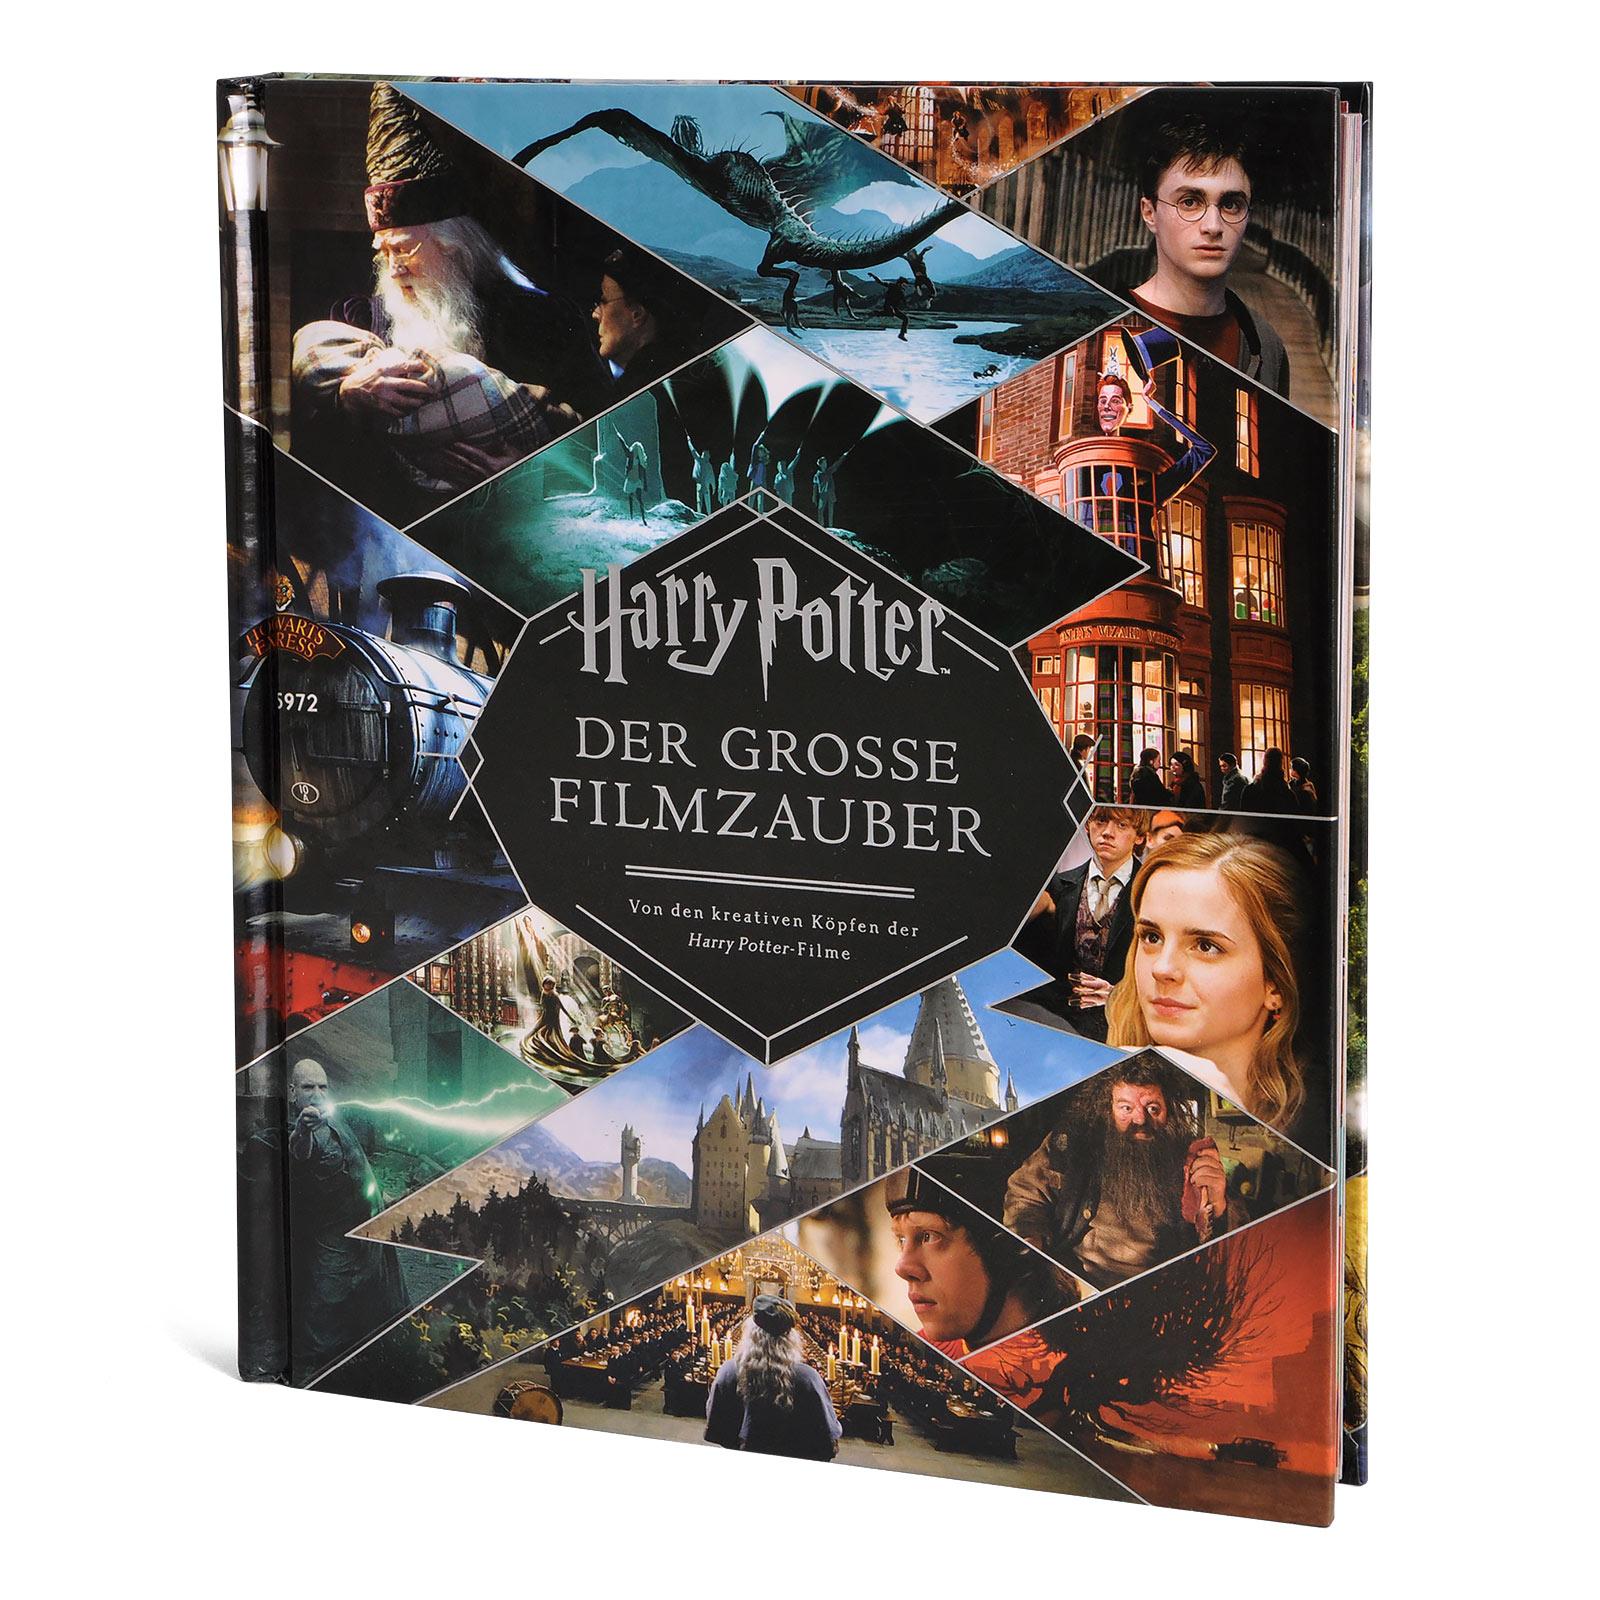 Harry Potter - Der große Filmzauber - Neuauflage